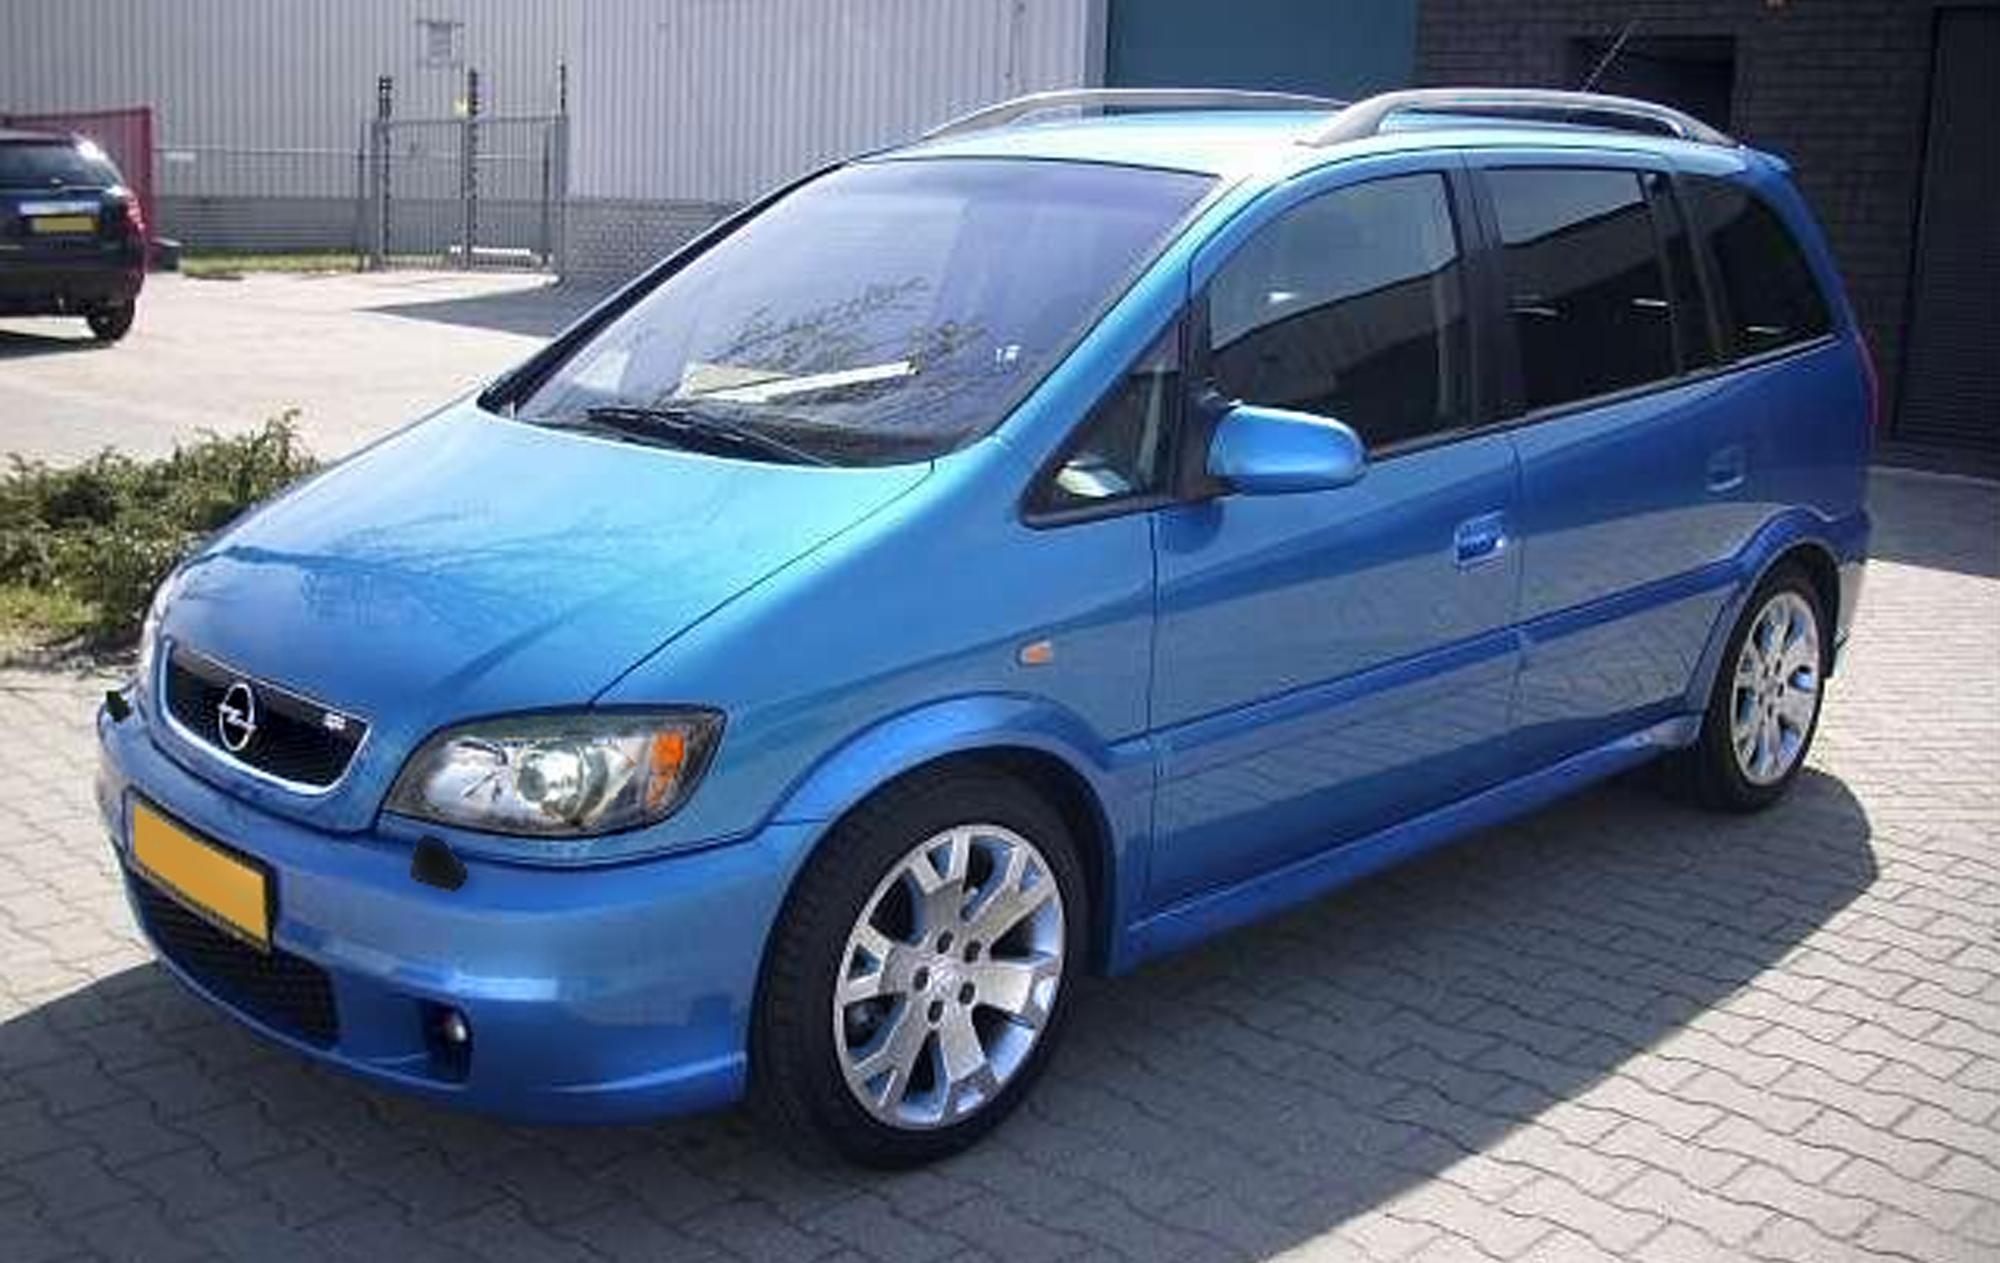 Opel Zafira OPC A Restyling 2003 - 2005 Compact MPV #1